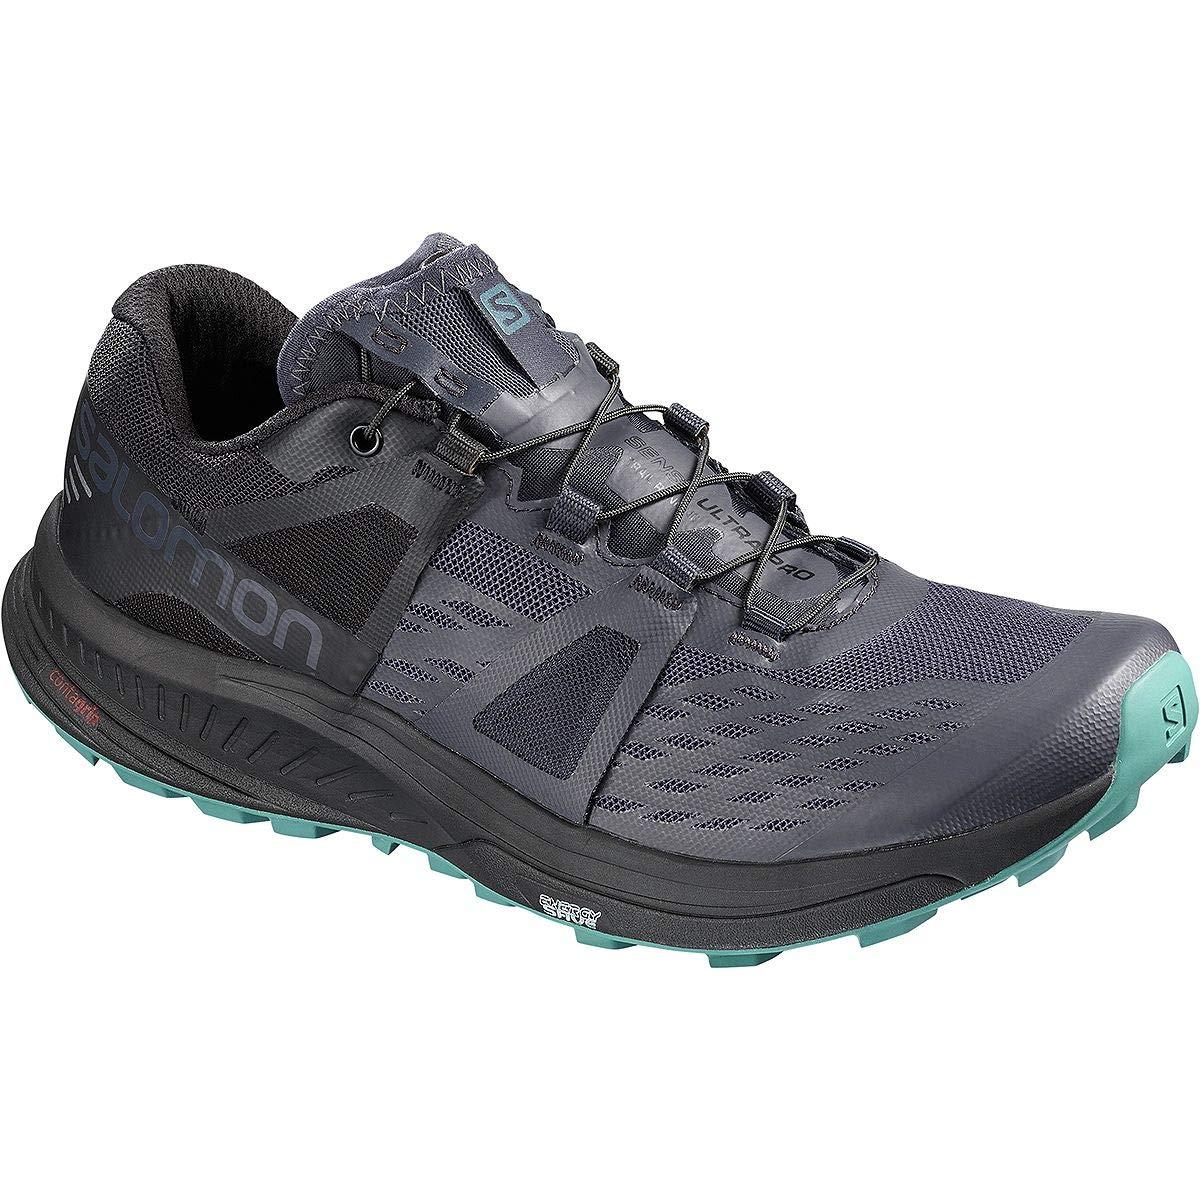 【激安セール】 [サロモン] ランニング レディース Shoe ランニング Ultra Pro Trail Running Shoe [並行輸入品] Ultra B07NZLCDT4 US-7.0/UK-5.5, ラーメンもりしげ:a83611ce --- cafestar.in